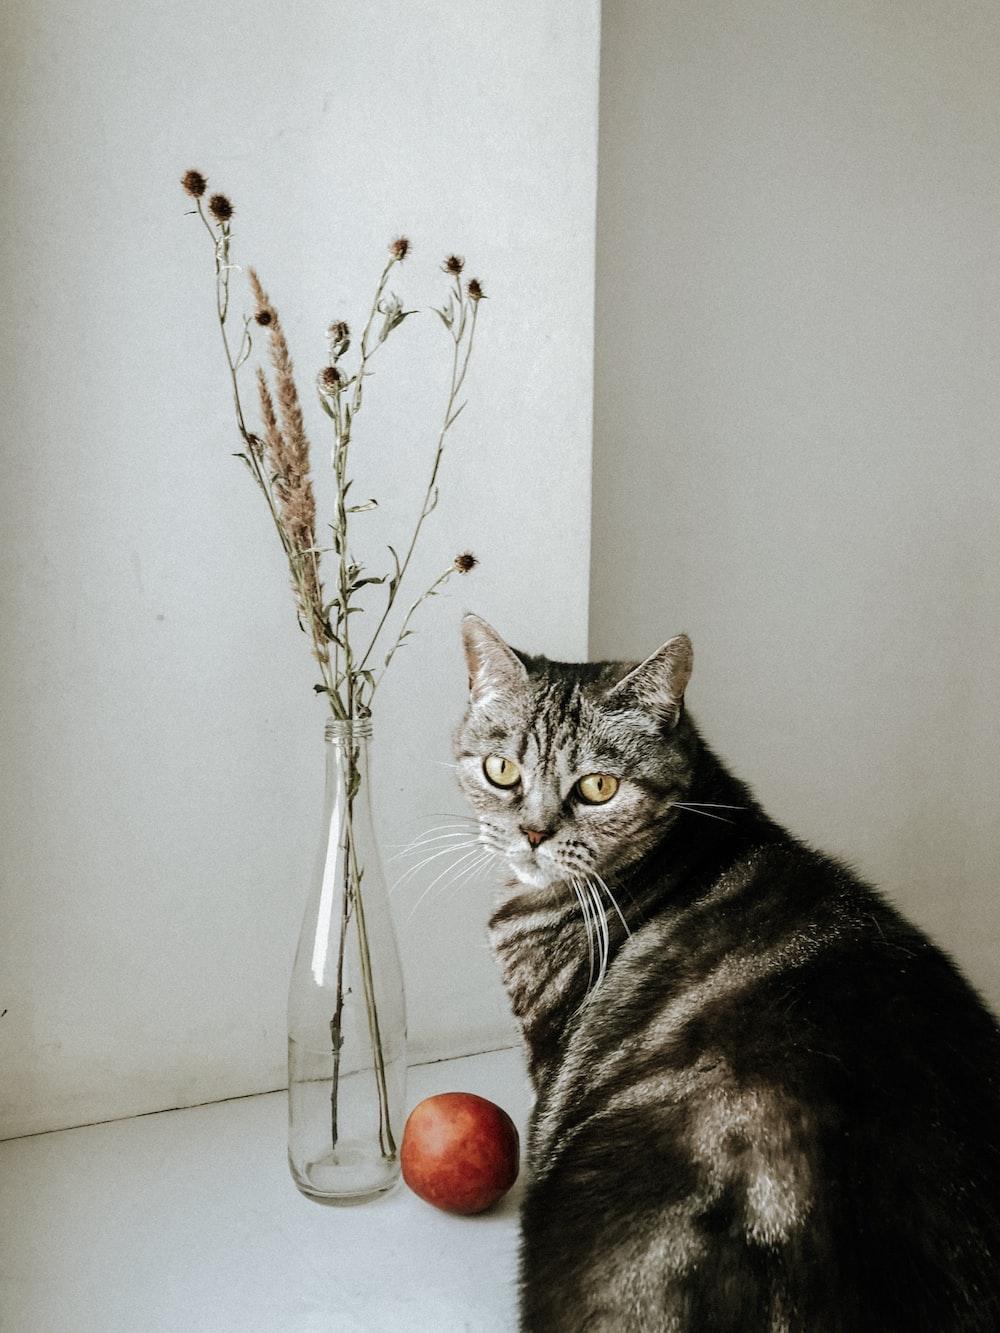 silver tabby cat on white floor tiles